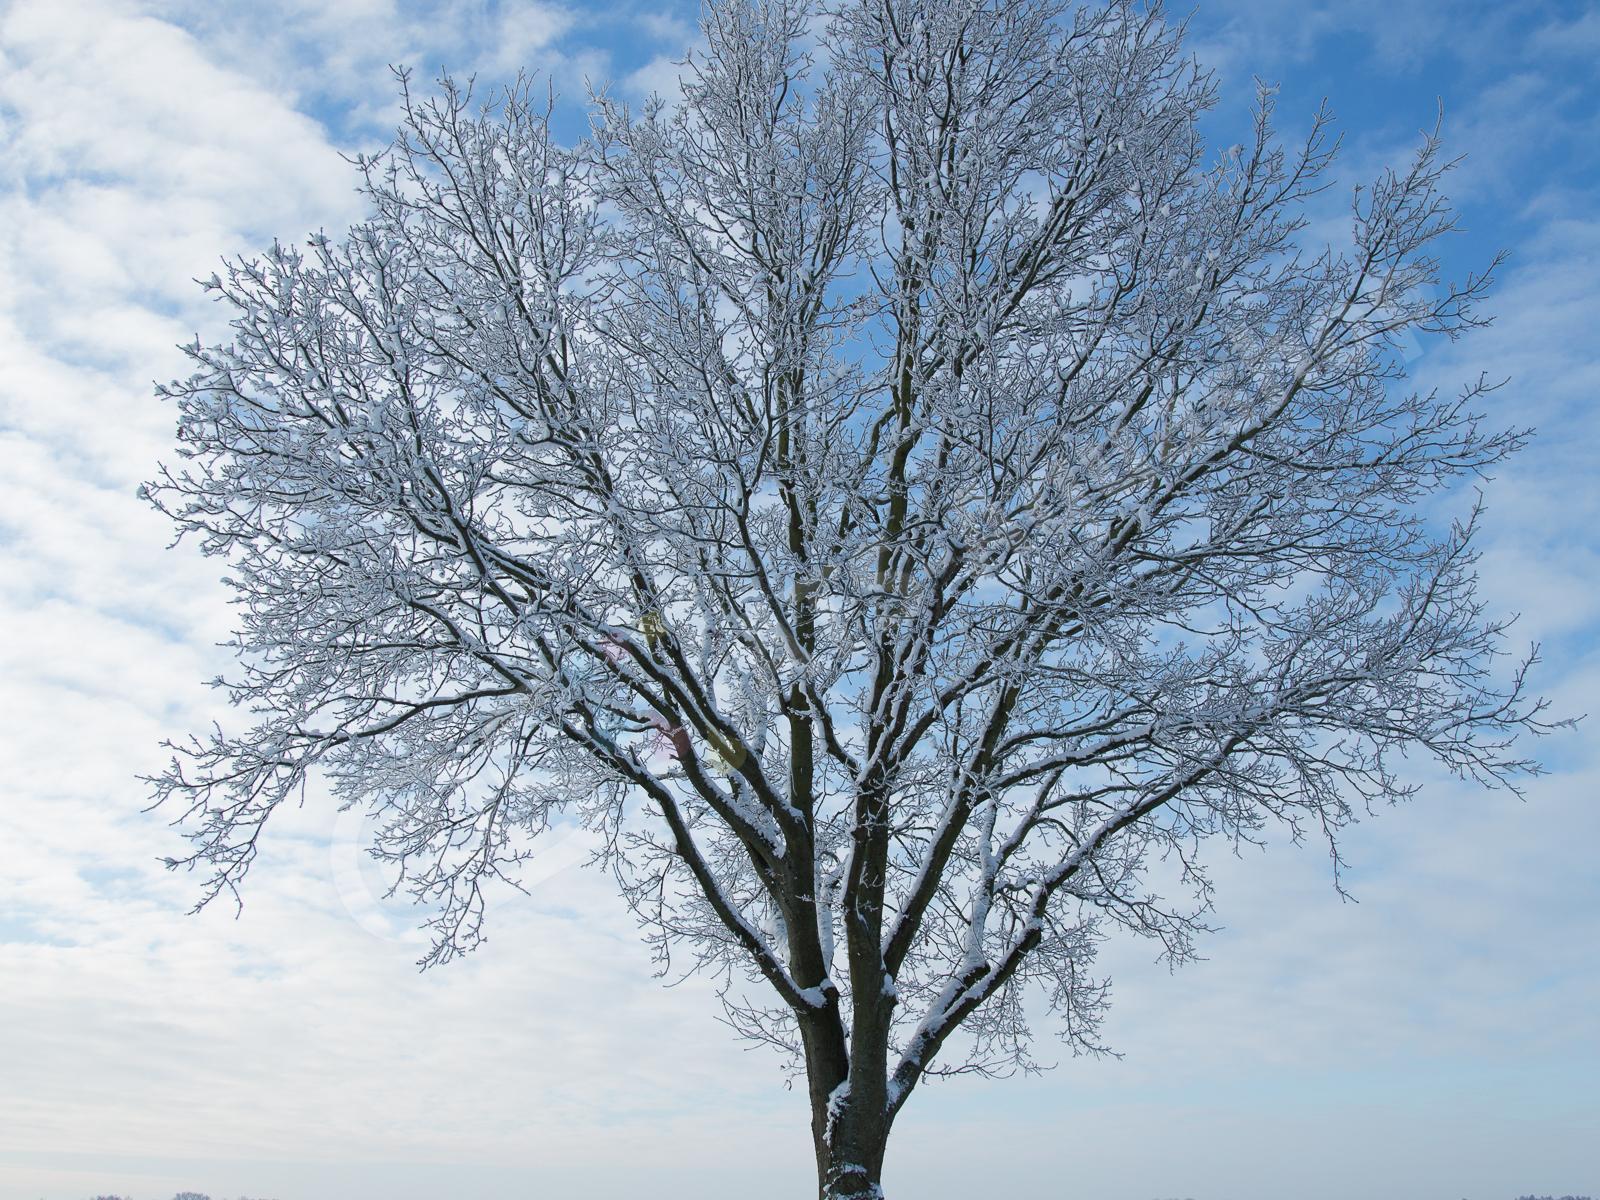 winterimpressionen andreas tanke 0159 6